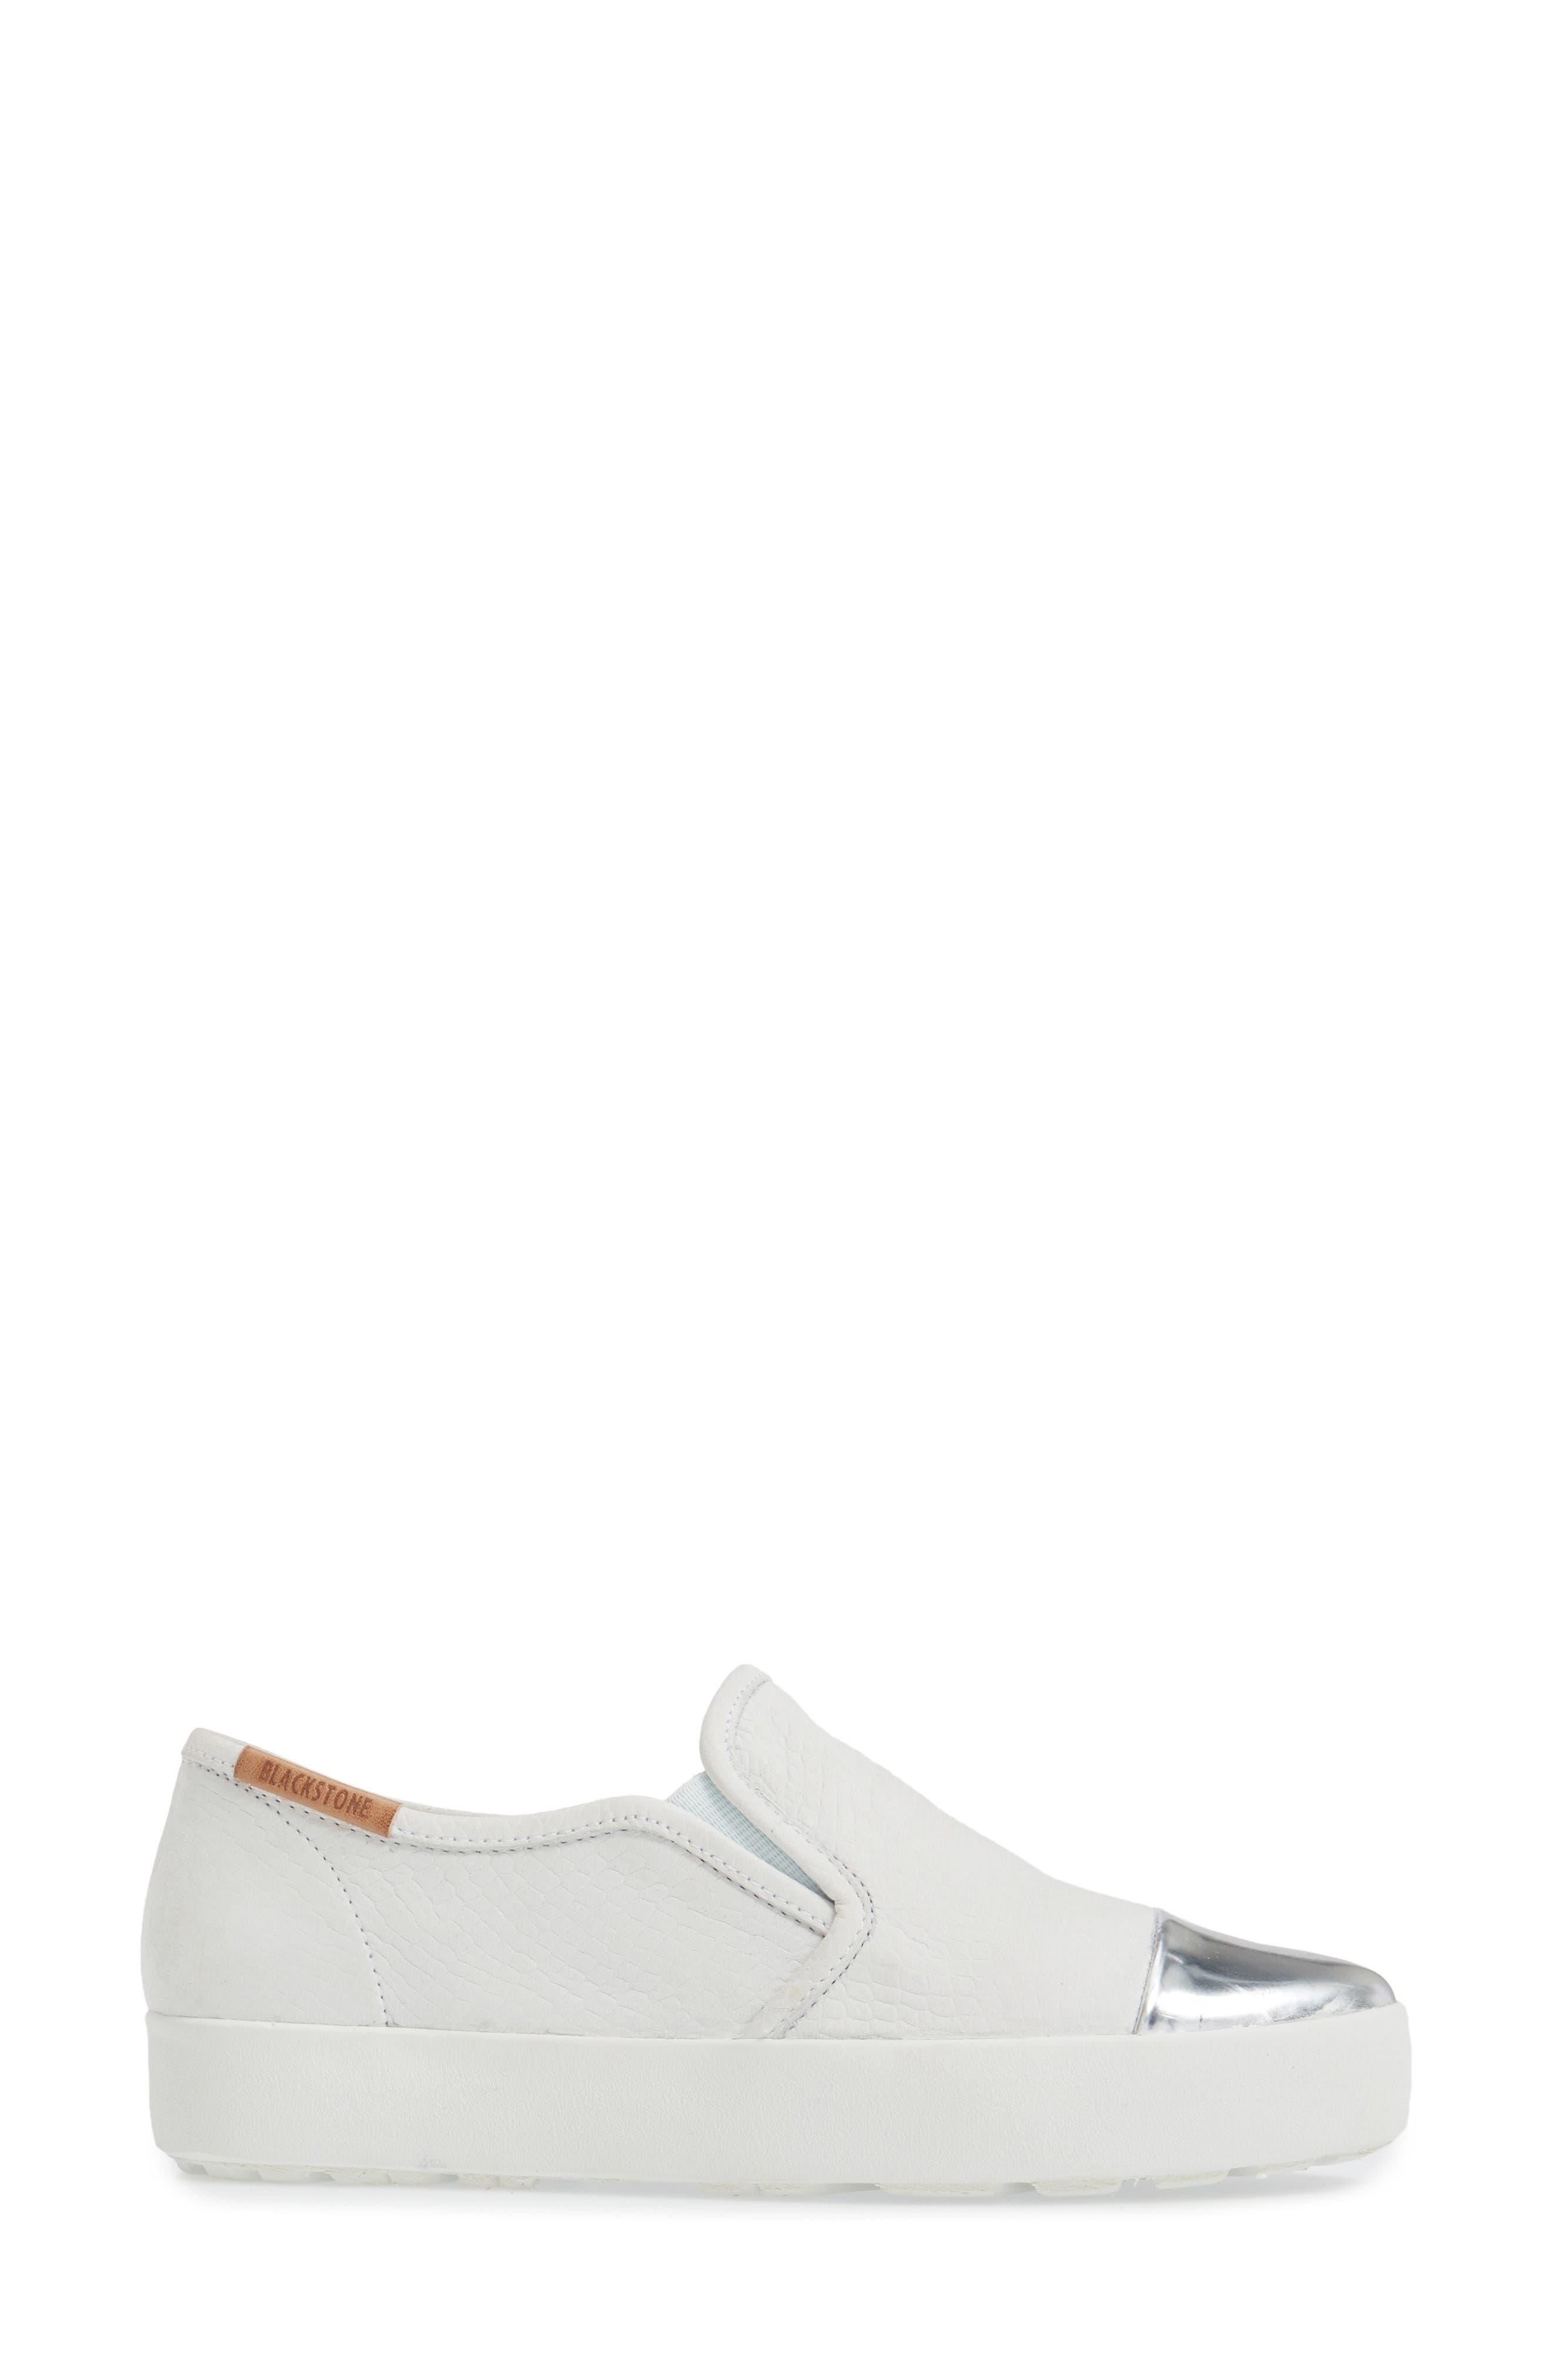 NL47 Slip-On Sneaker,                             Alternate thumbnail 3, color,                             White Nubuck